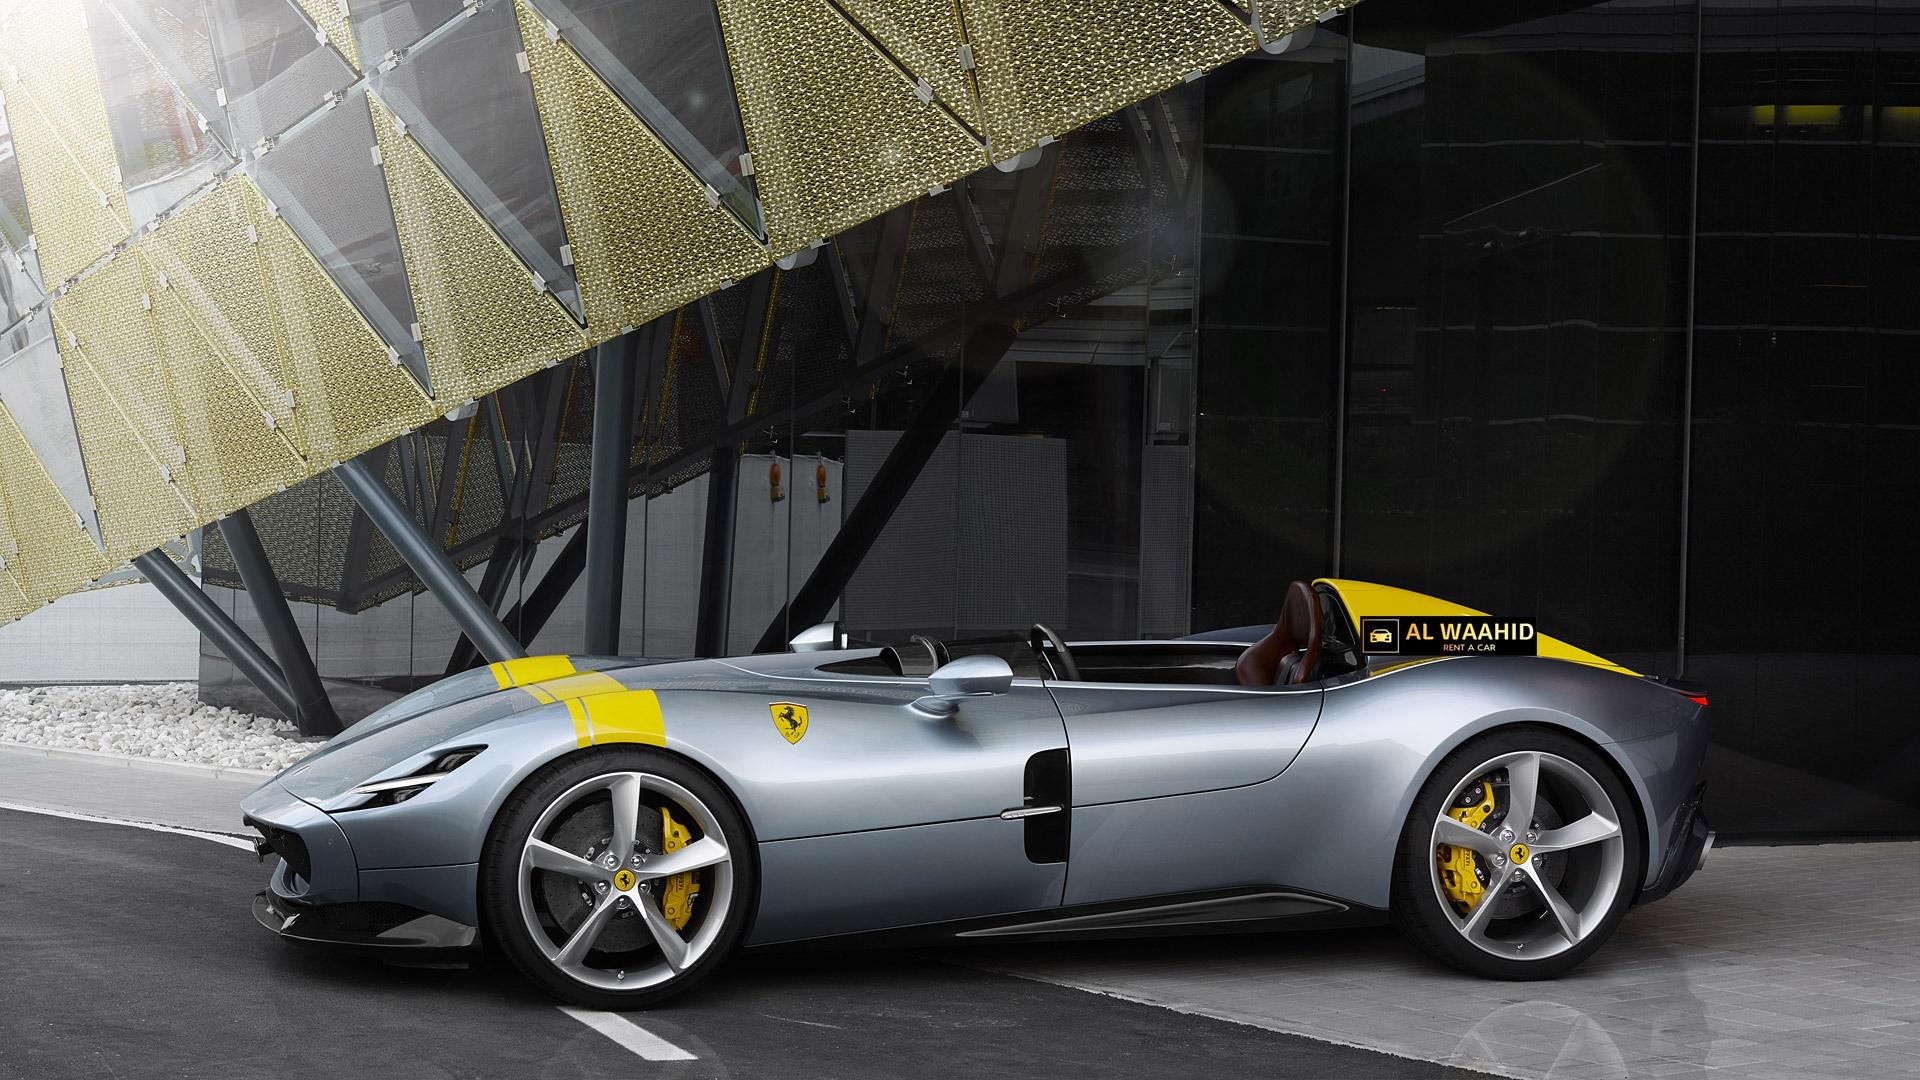 Ferrari Monza Sp1 2019 Rental Dubai Luxury Car Rental Dubai